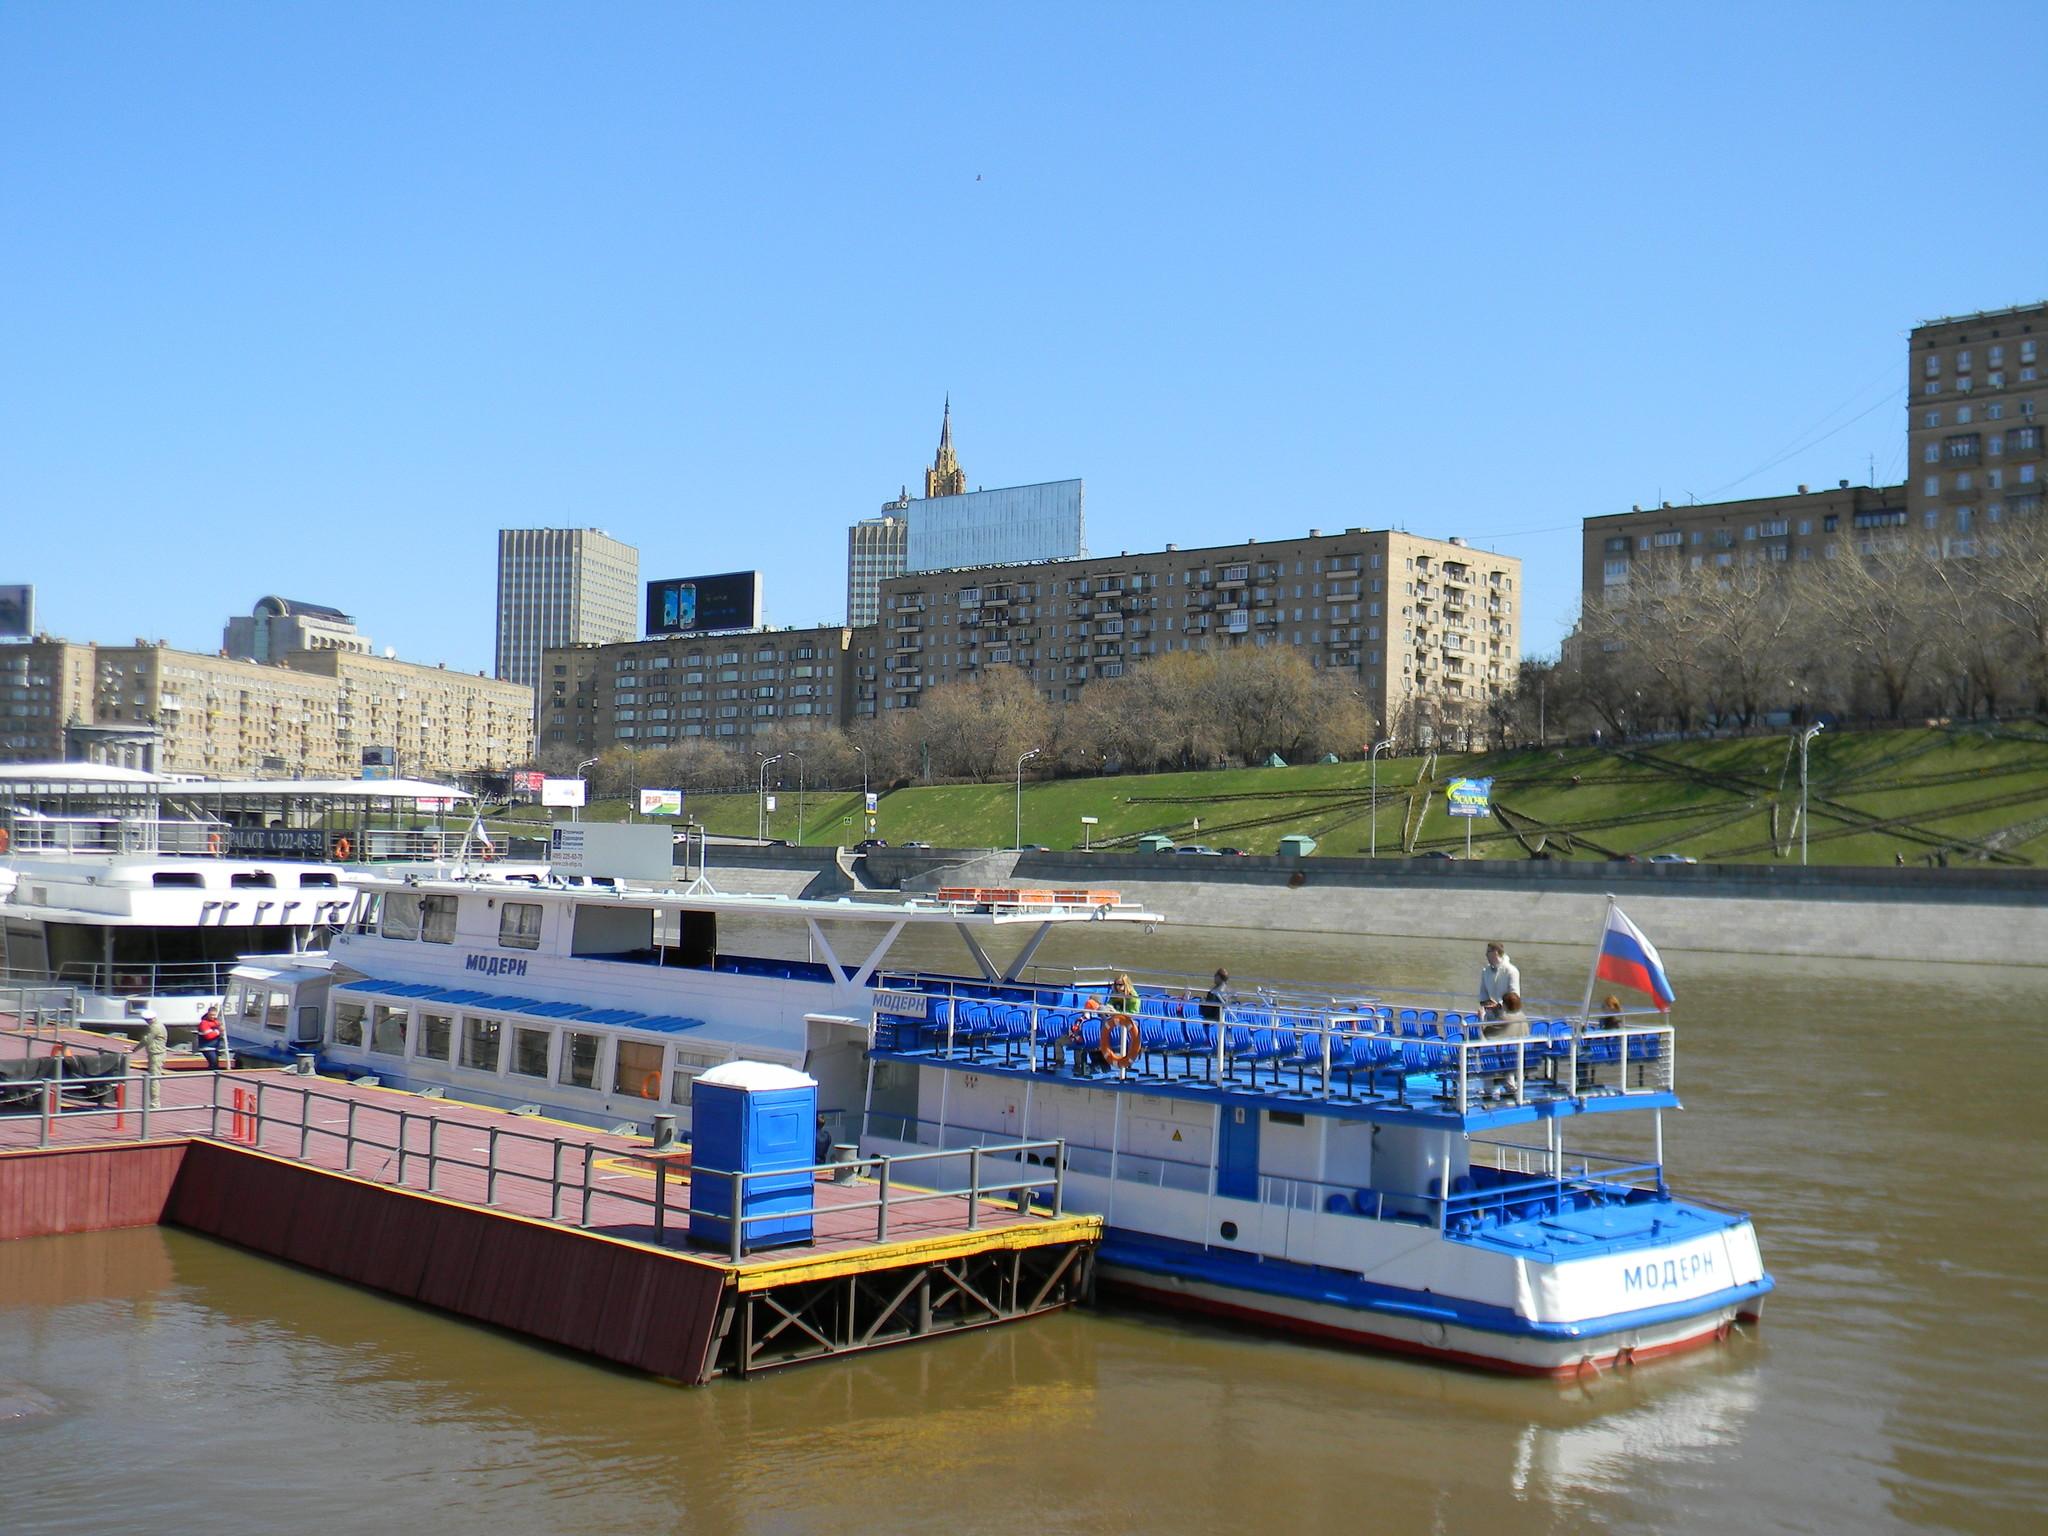 Речной круиз по Москве-реке на комфортабельном теплоходе «Модерн», с отправлением от причала «Киевский вокзал»